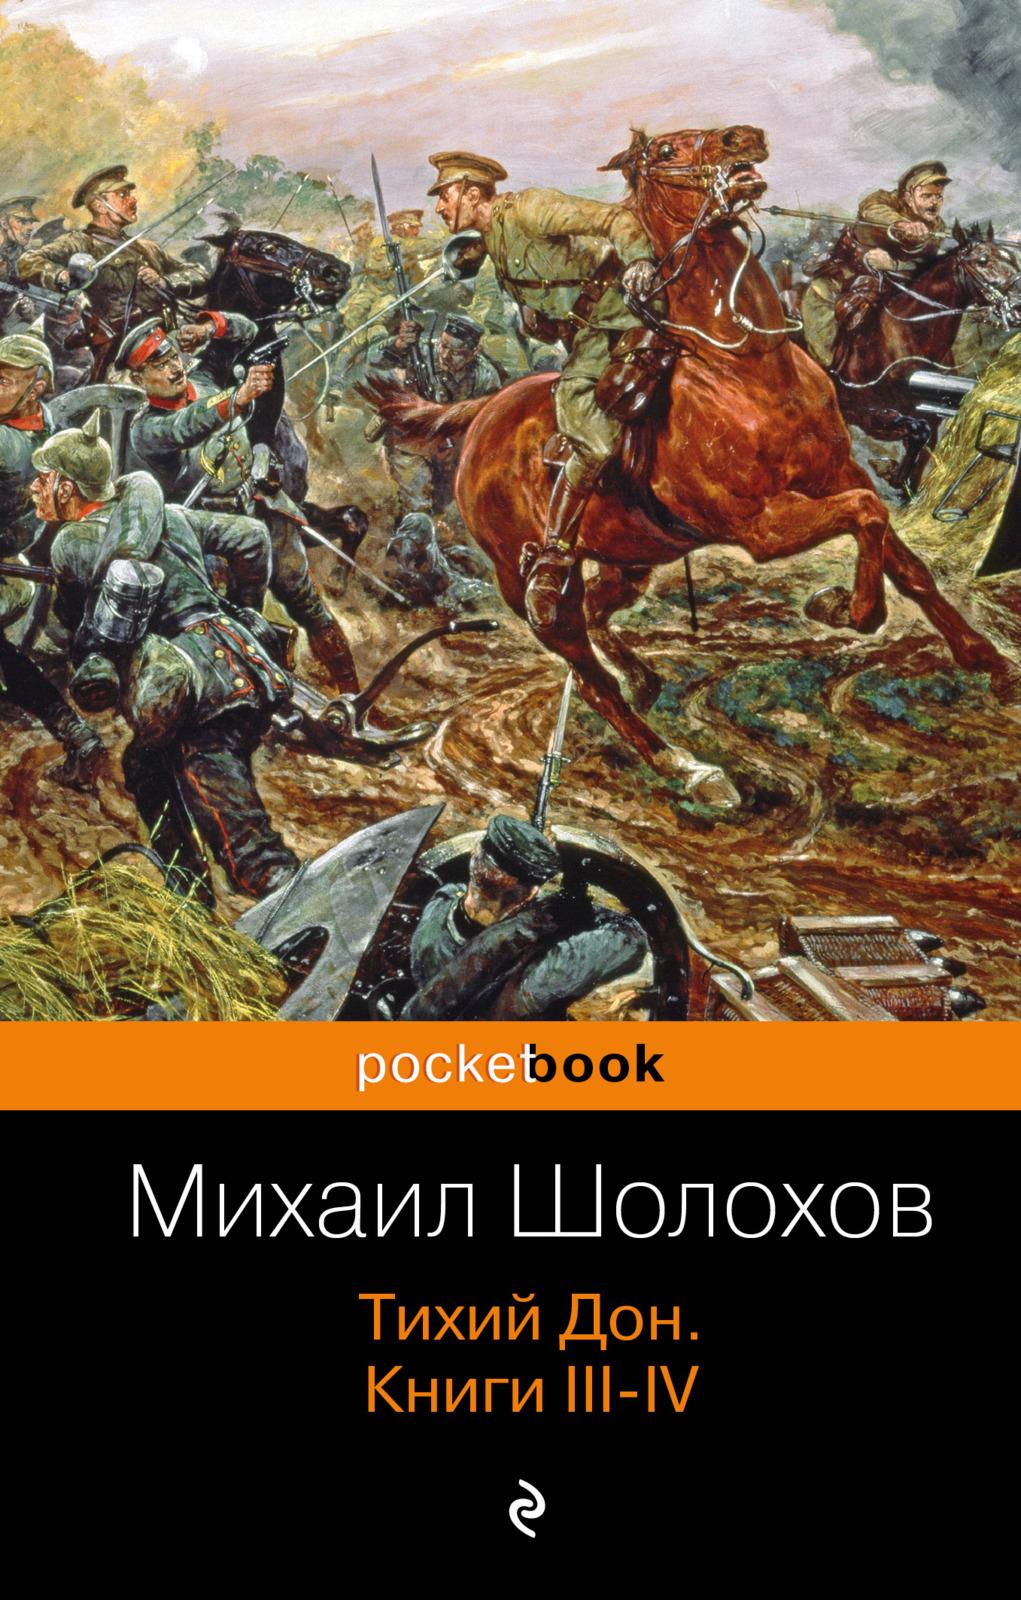 Михаил Шолохов Тихий Дон (комплект из 2 книг)